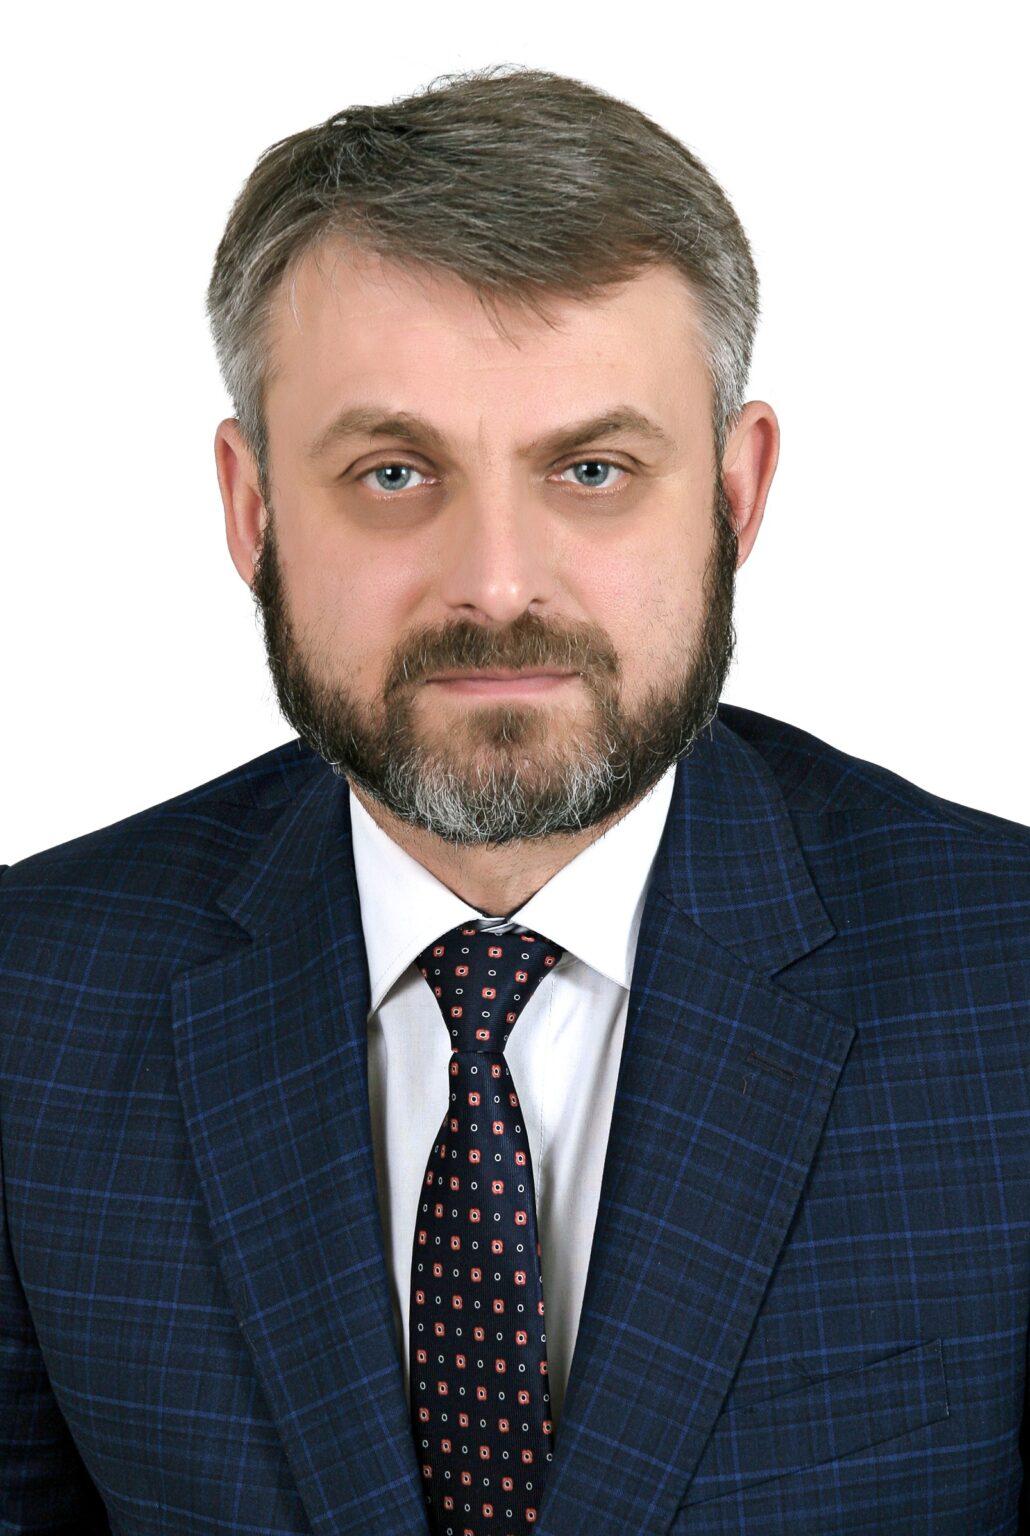 Лагода Костянтин Анатолійович, завідувач Кропивницького відділення КНДІСЕ